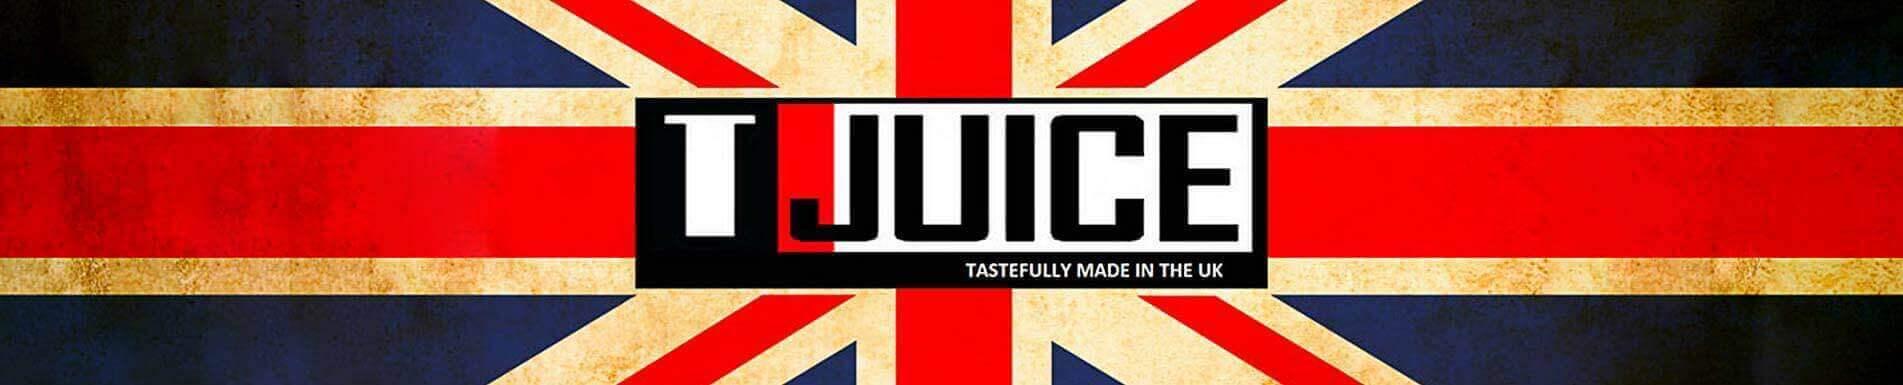 arome t juice